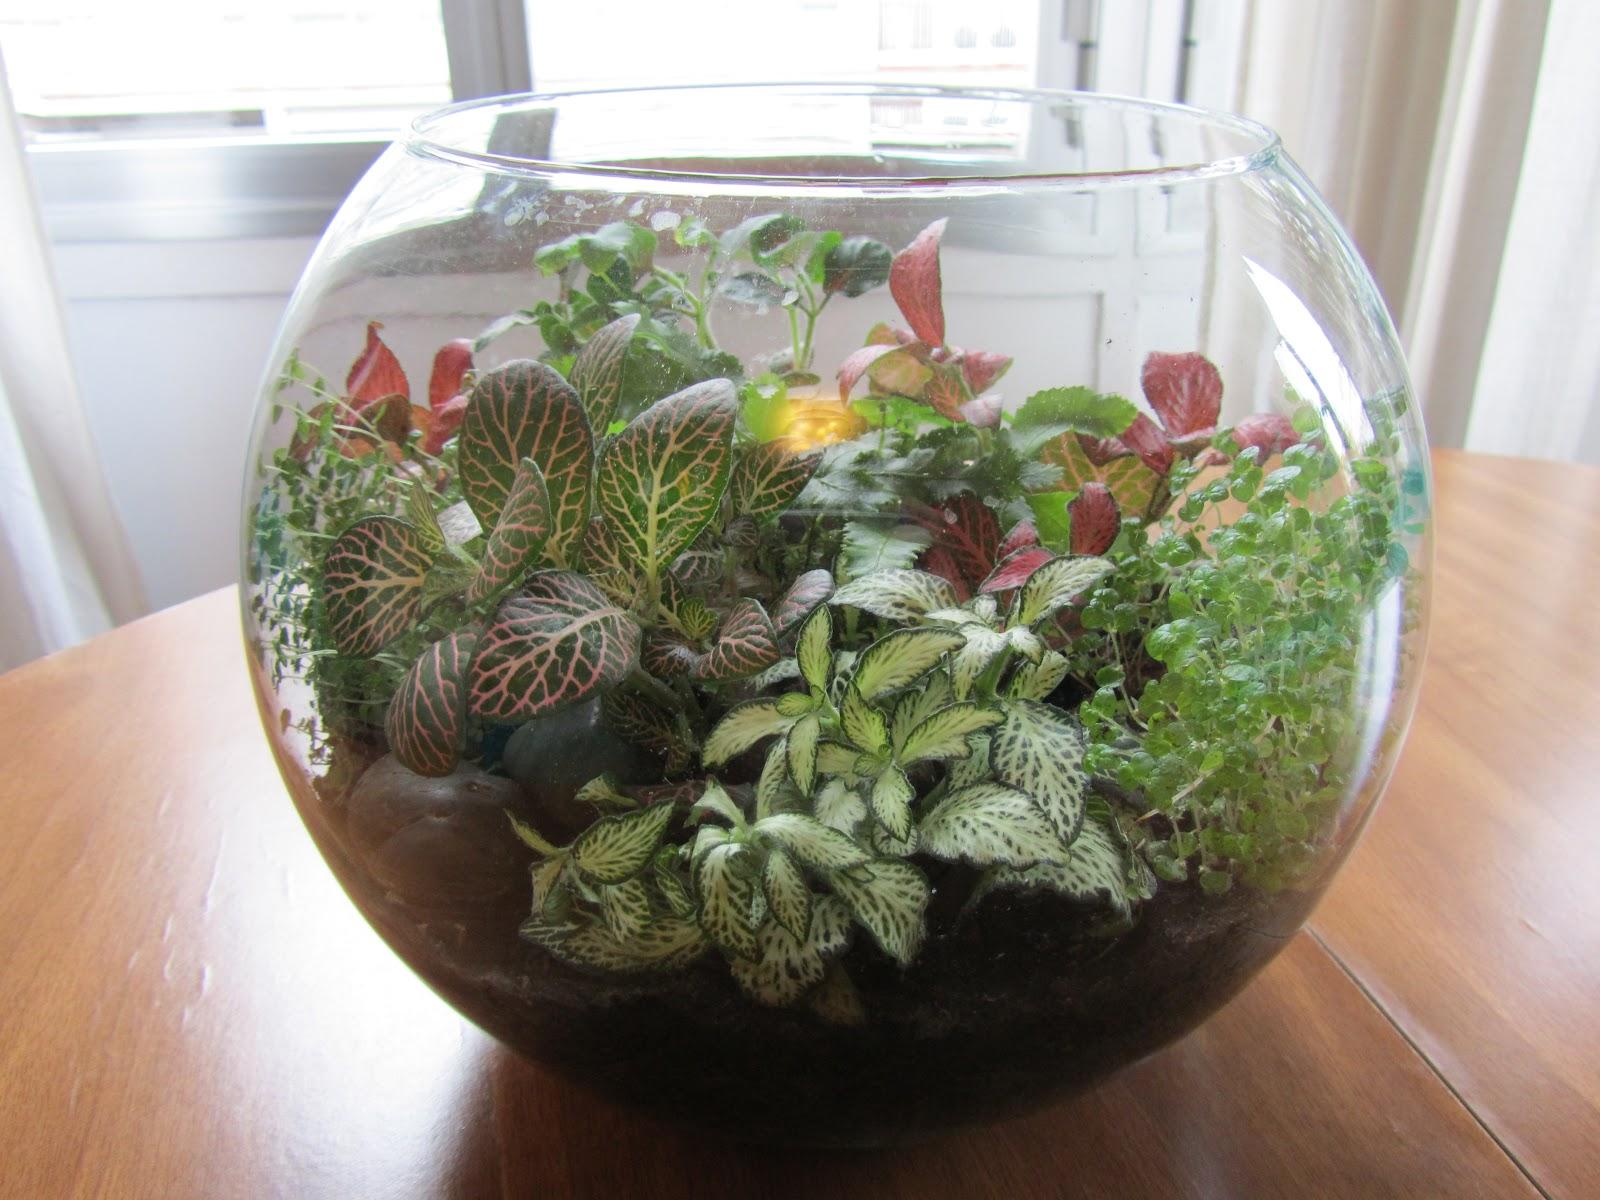 Imagenes de plantas de interior for Plantas de interior fotos y nombres